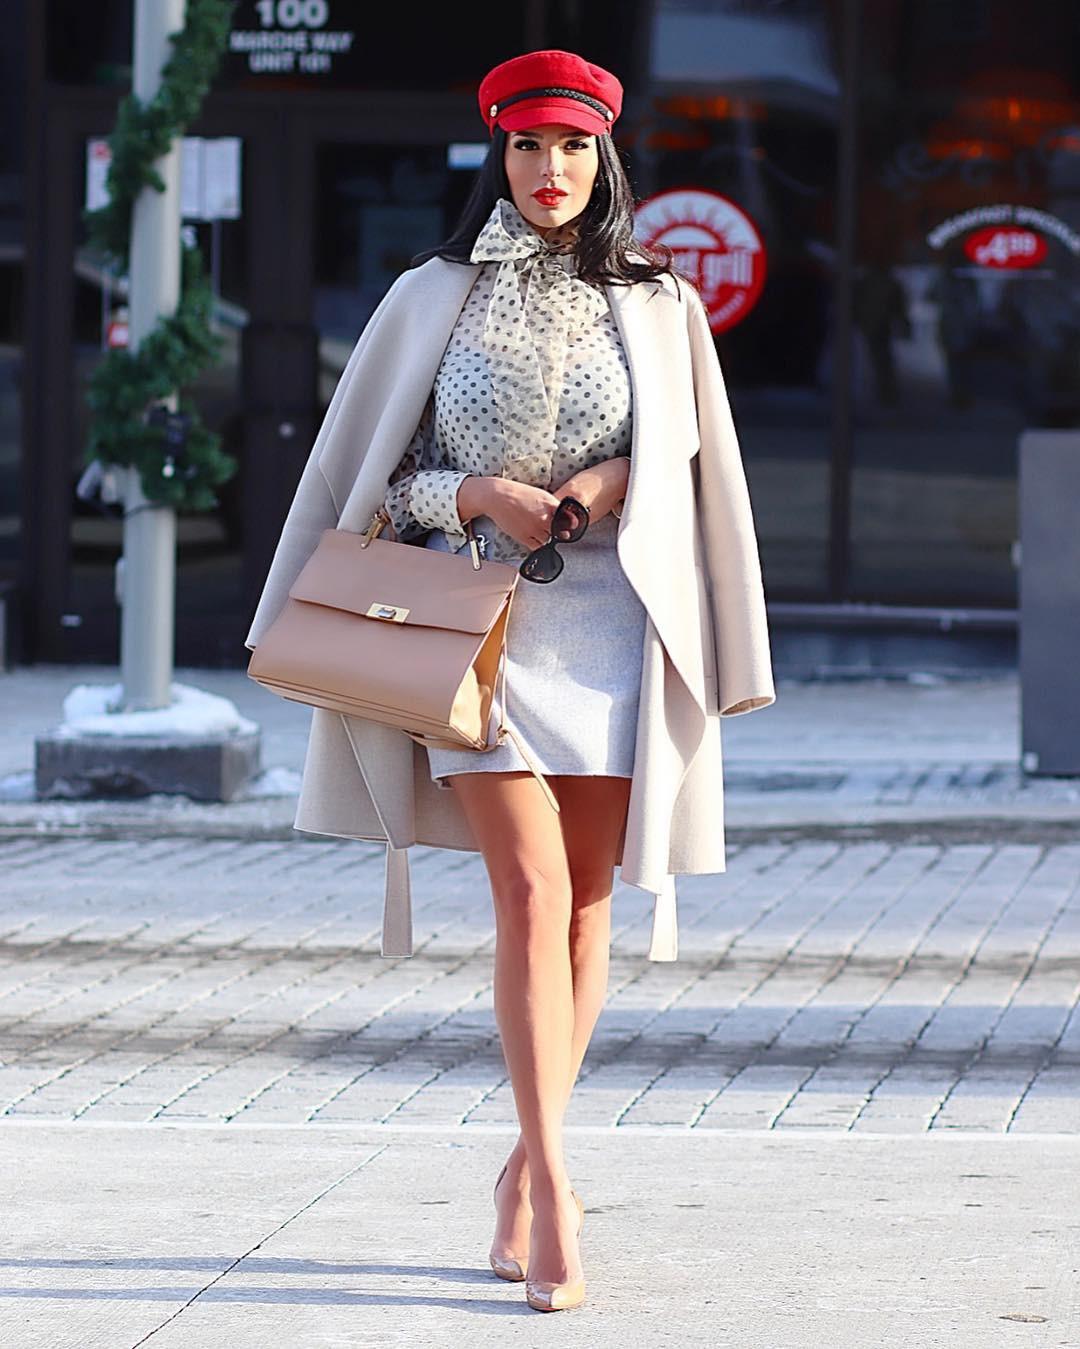 Shadi Y Cair girls instagram photos, apparel ideas, street fashion